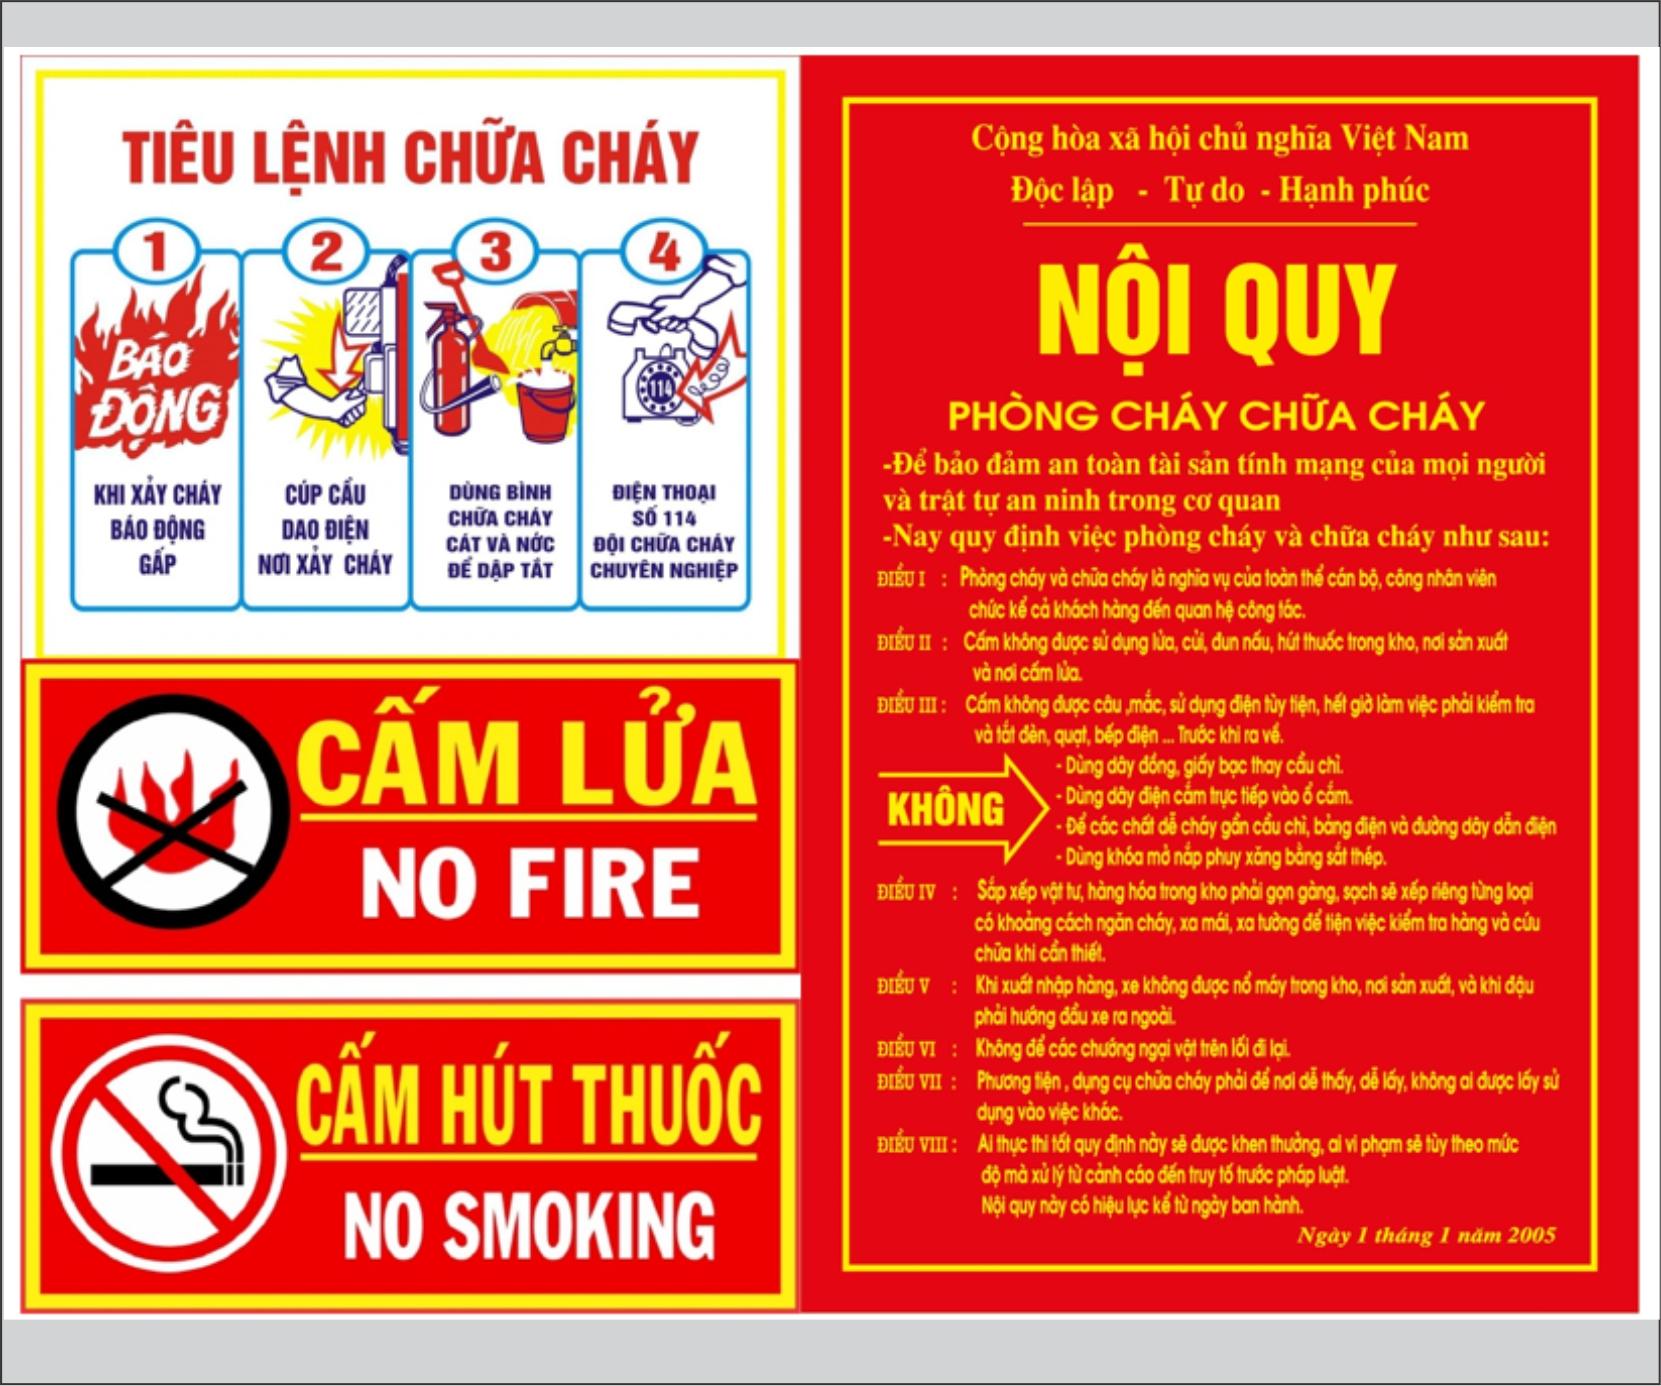 Ban hành tiêu lệnh, biển báo cấm lửa